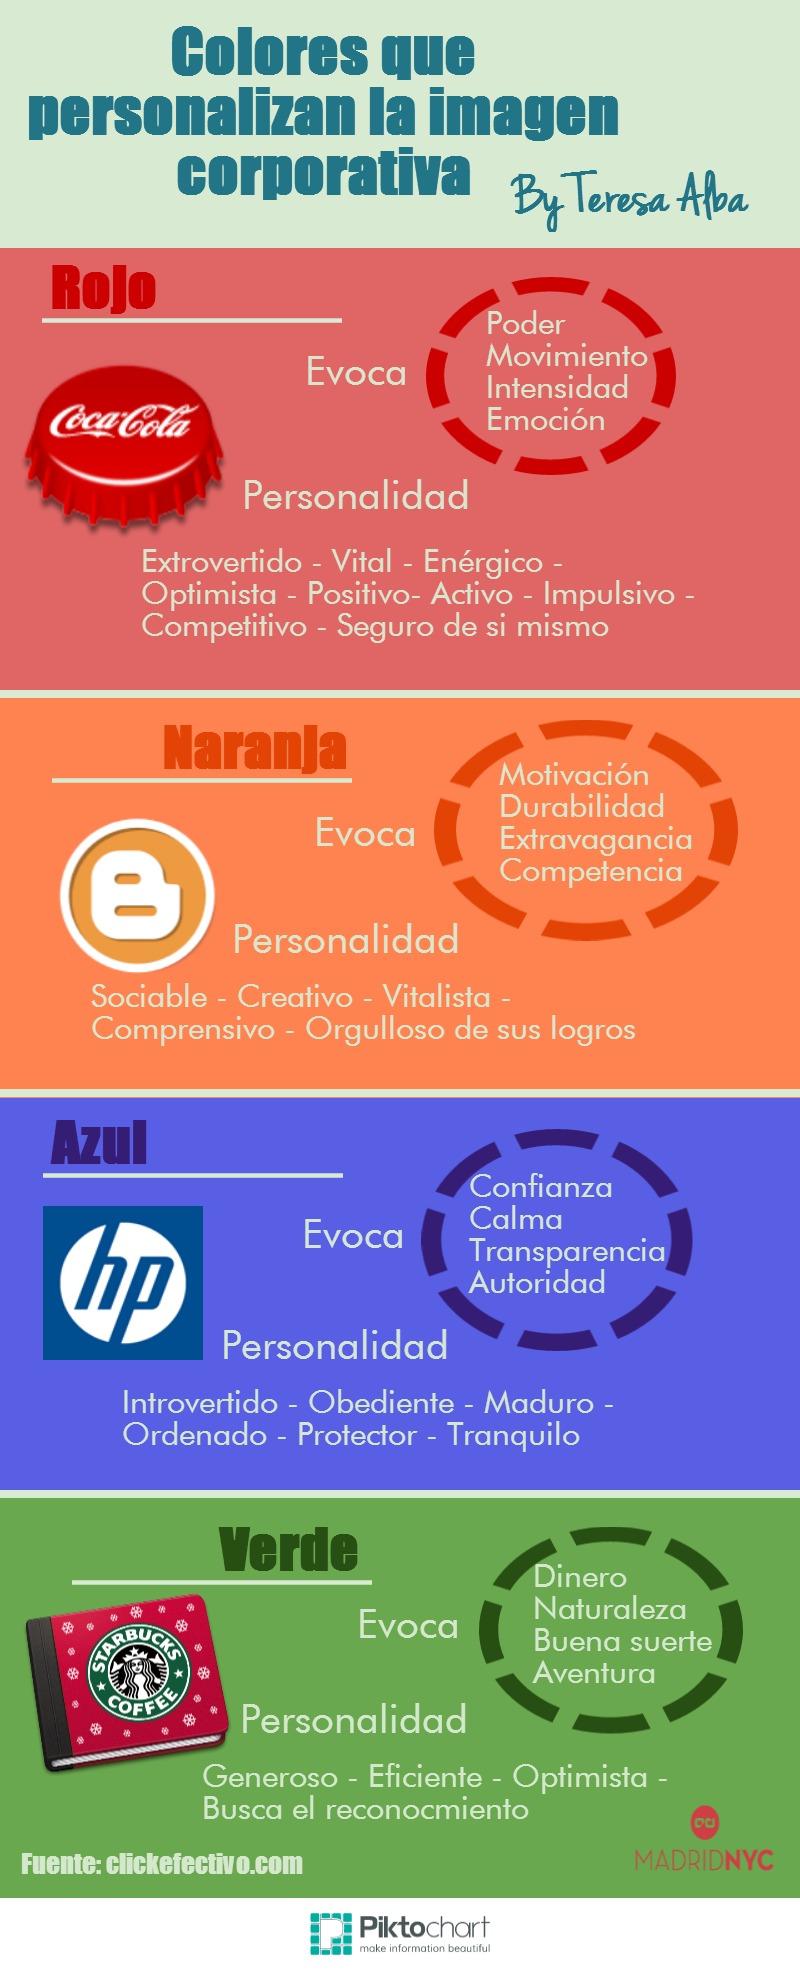 Colores que personalizan la imagen corporativa